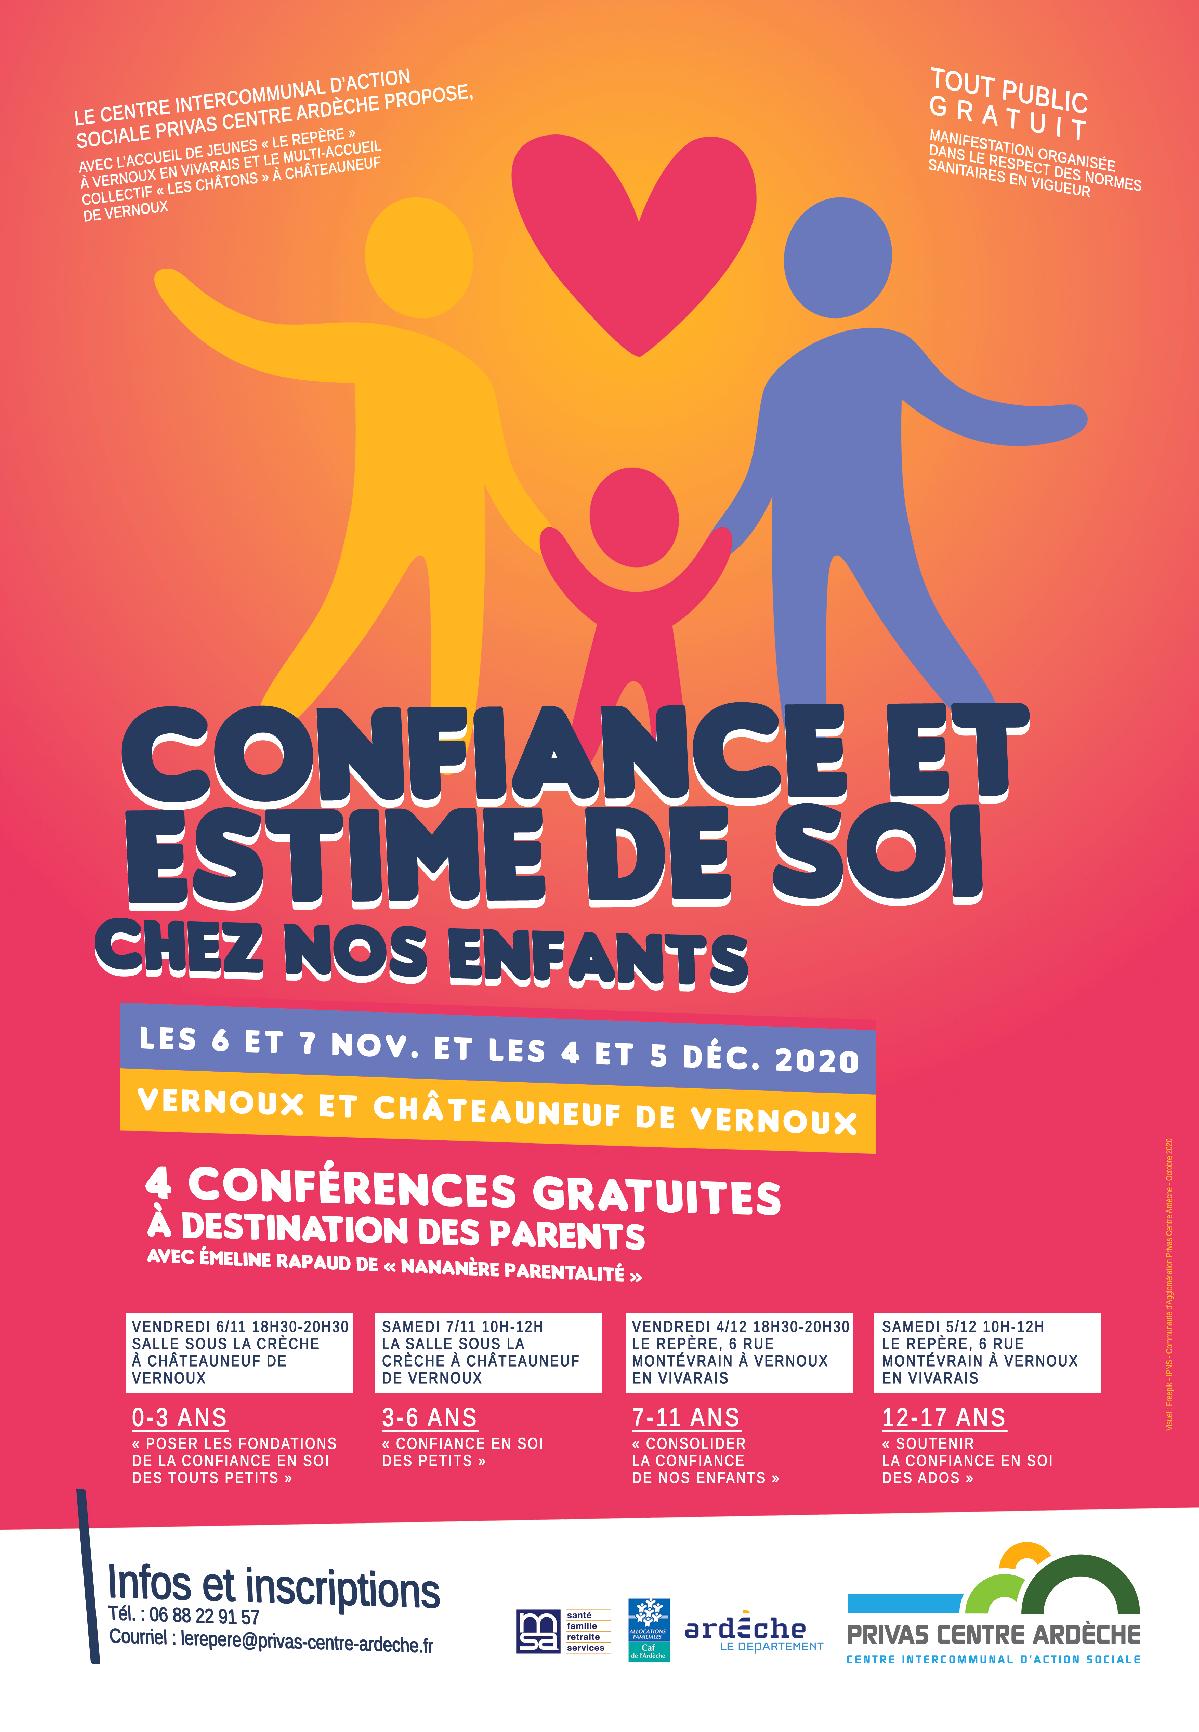 Rendez-vous futés ! : Conférence sur le thème Enfants de 7 à 11 ans : consolider la confiance en soi des enfants